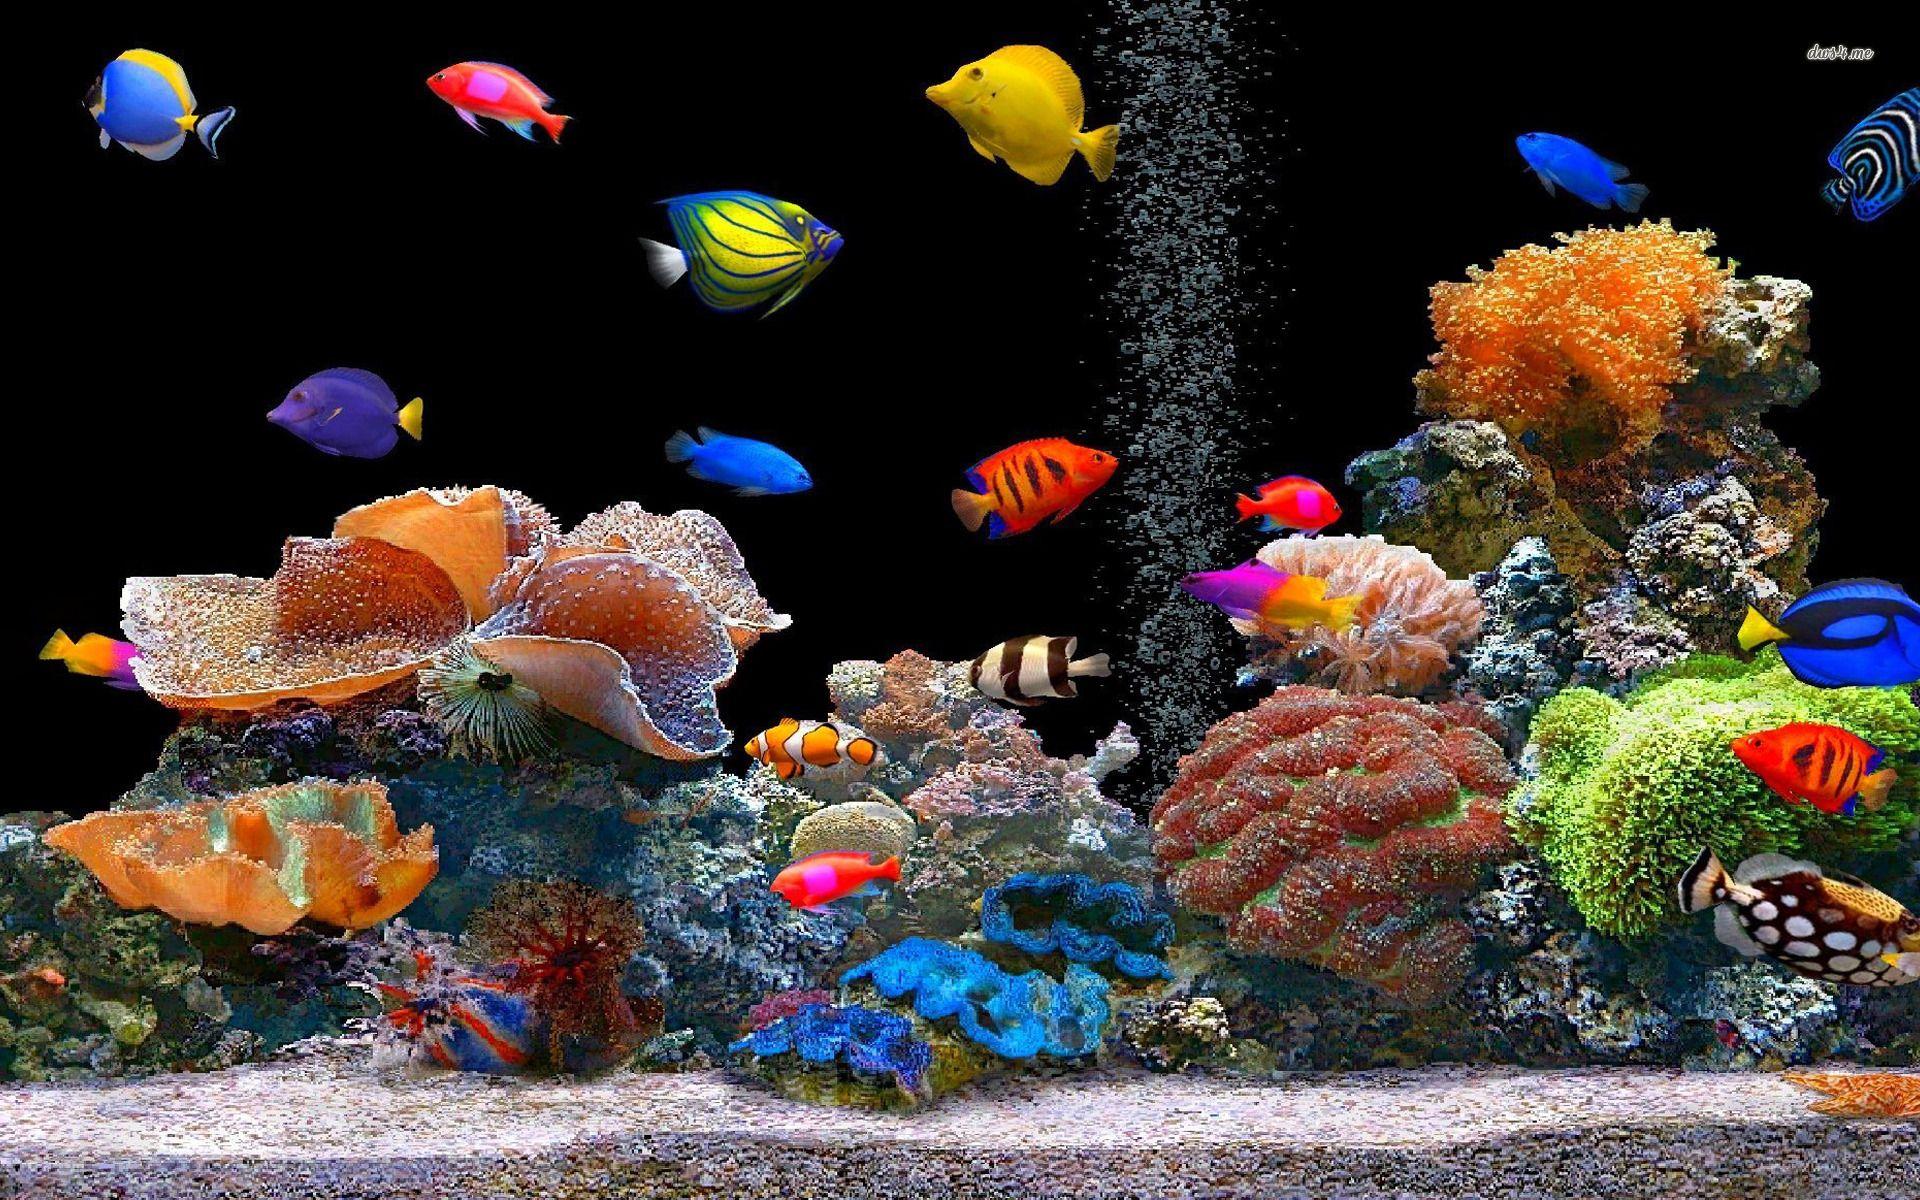 Coral Reef Wallpaper Hd Peces De Colores Hd Wallpaper Gratis Fondo De Pantallas